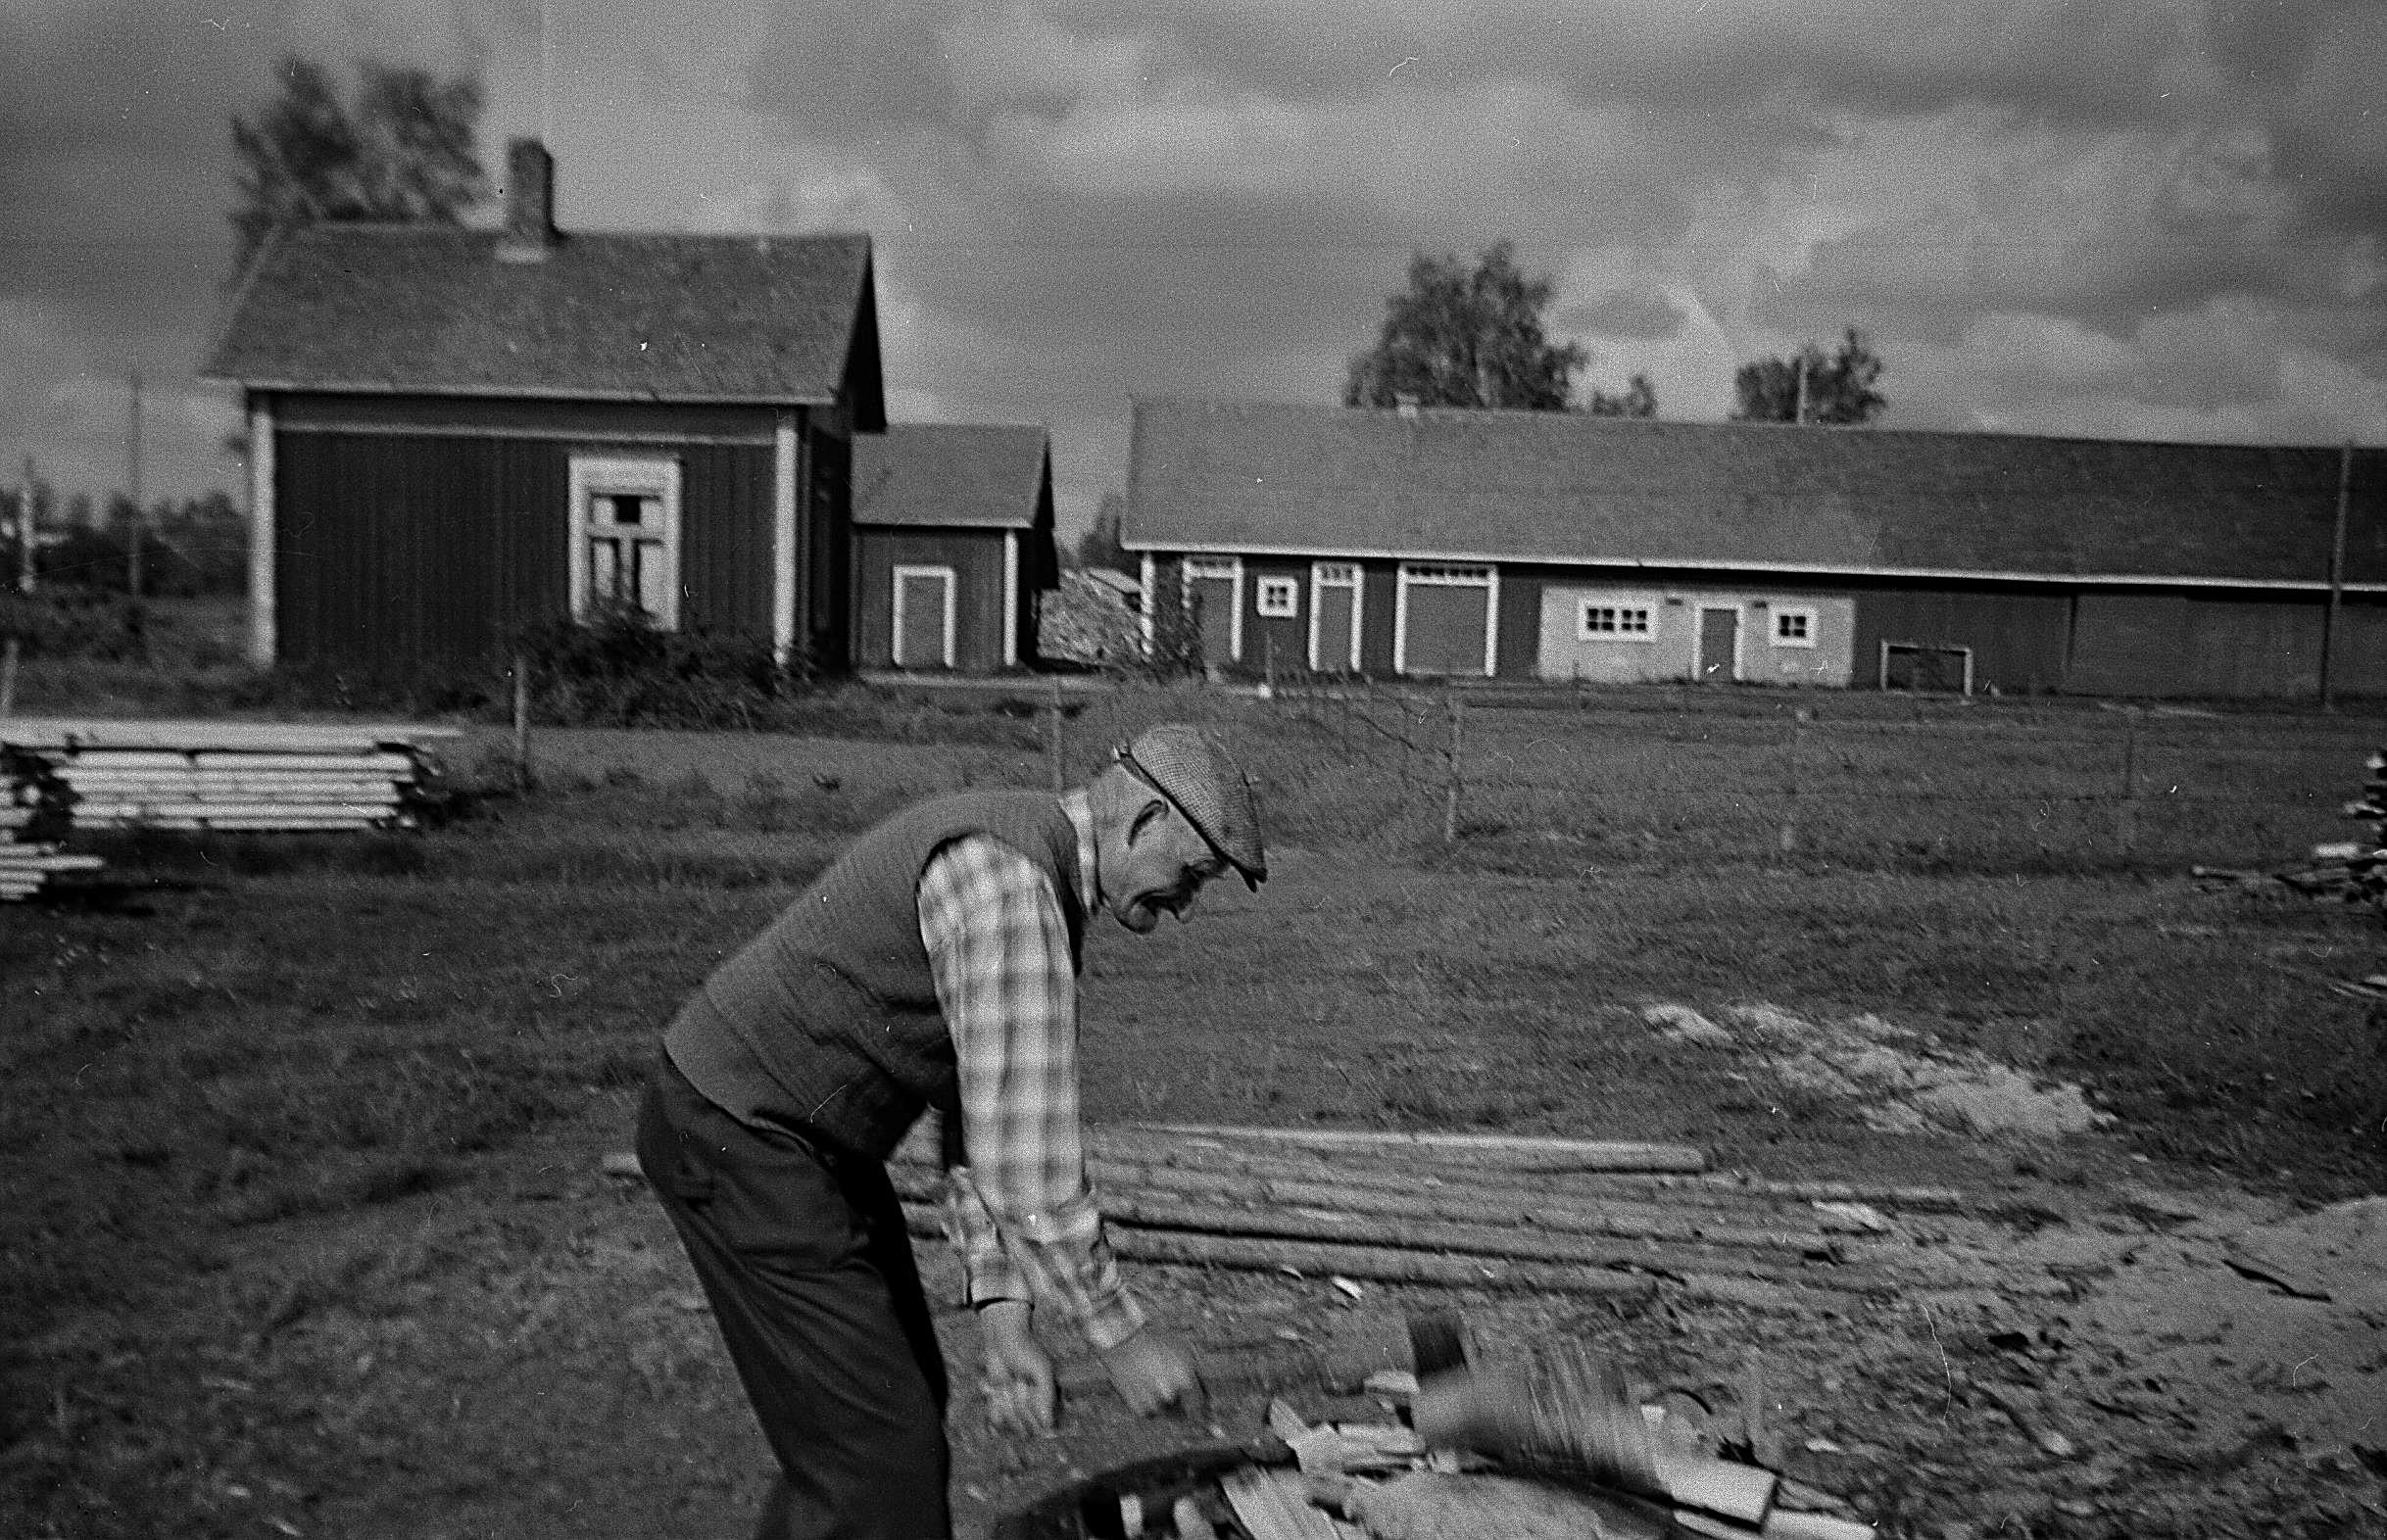 Den här bilden av Frans Agnäs klyvande ved åt sin syster Ida Backlund på vedbacken är tagen i början på 1950-talet. Byggnaden till vänster användes som bastu och längre bak syns uthusen som inrymde stall, fähus och röckhus.